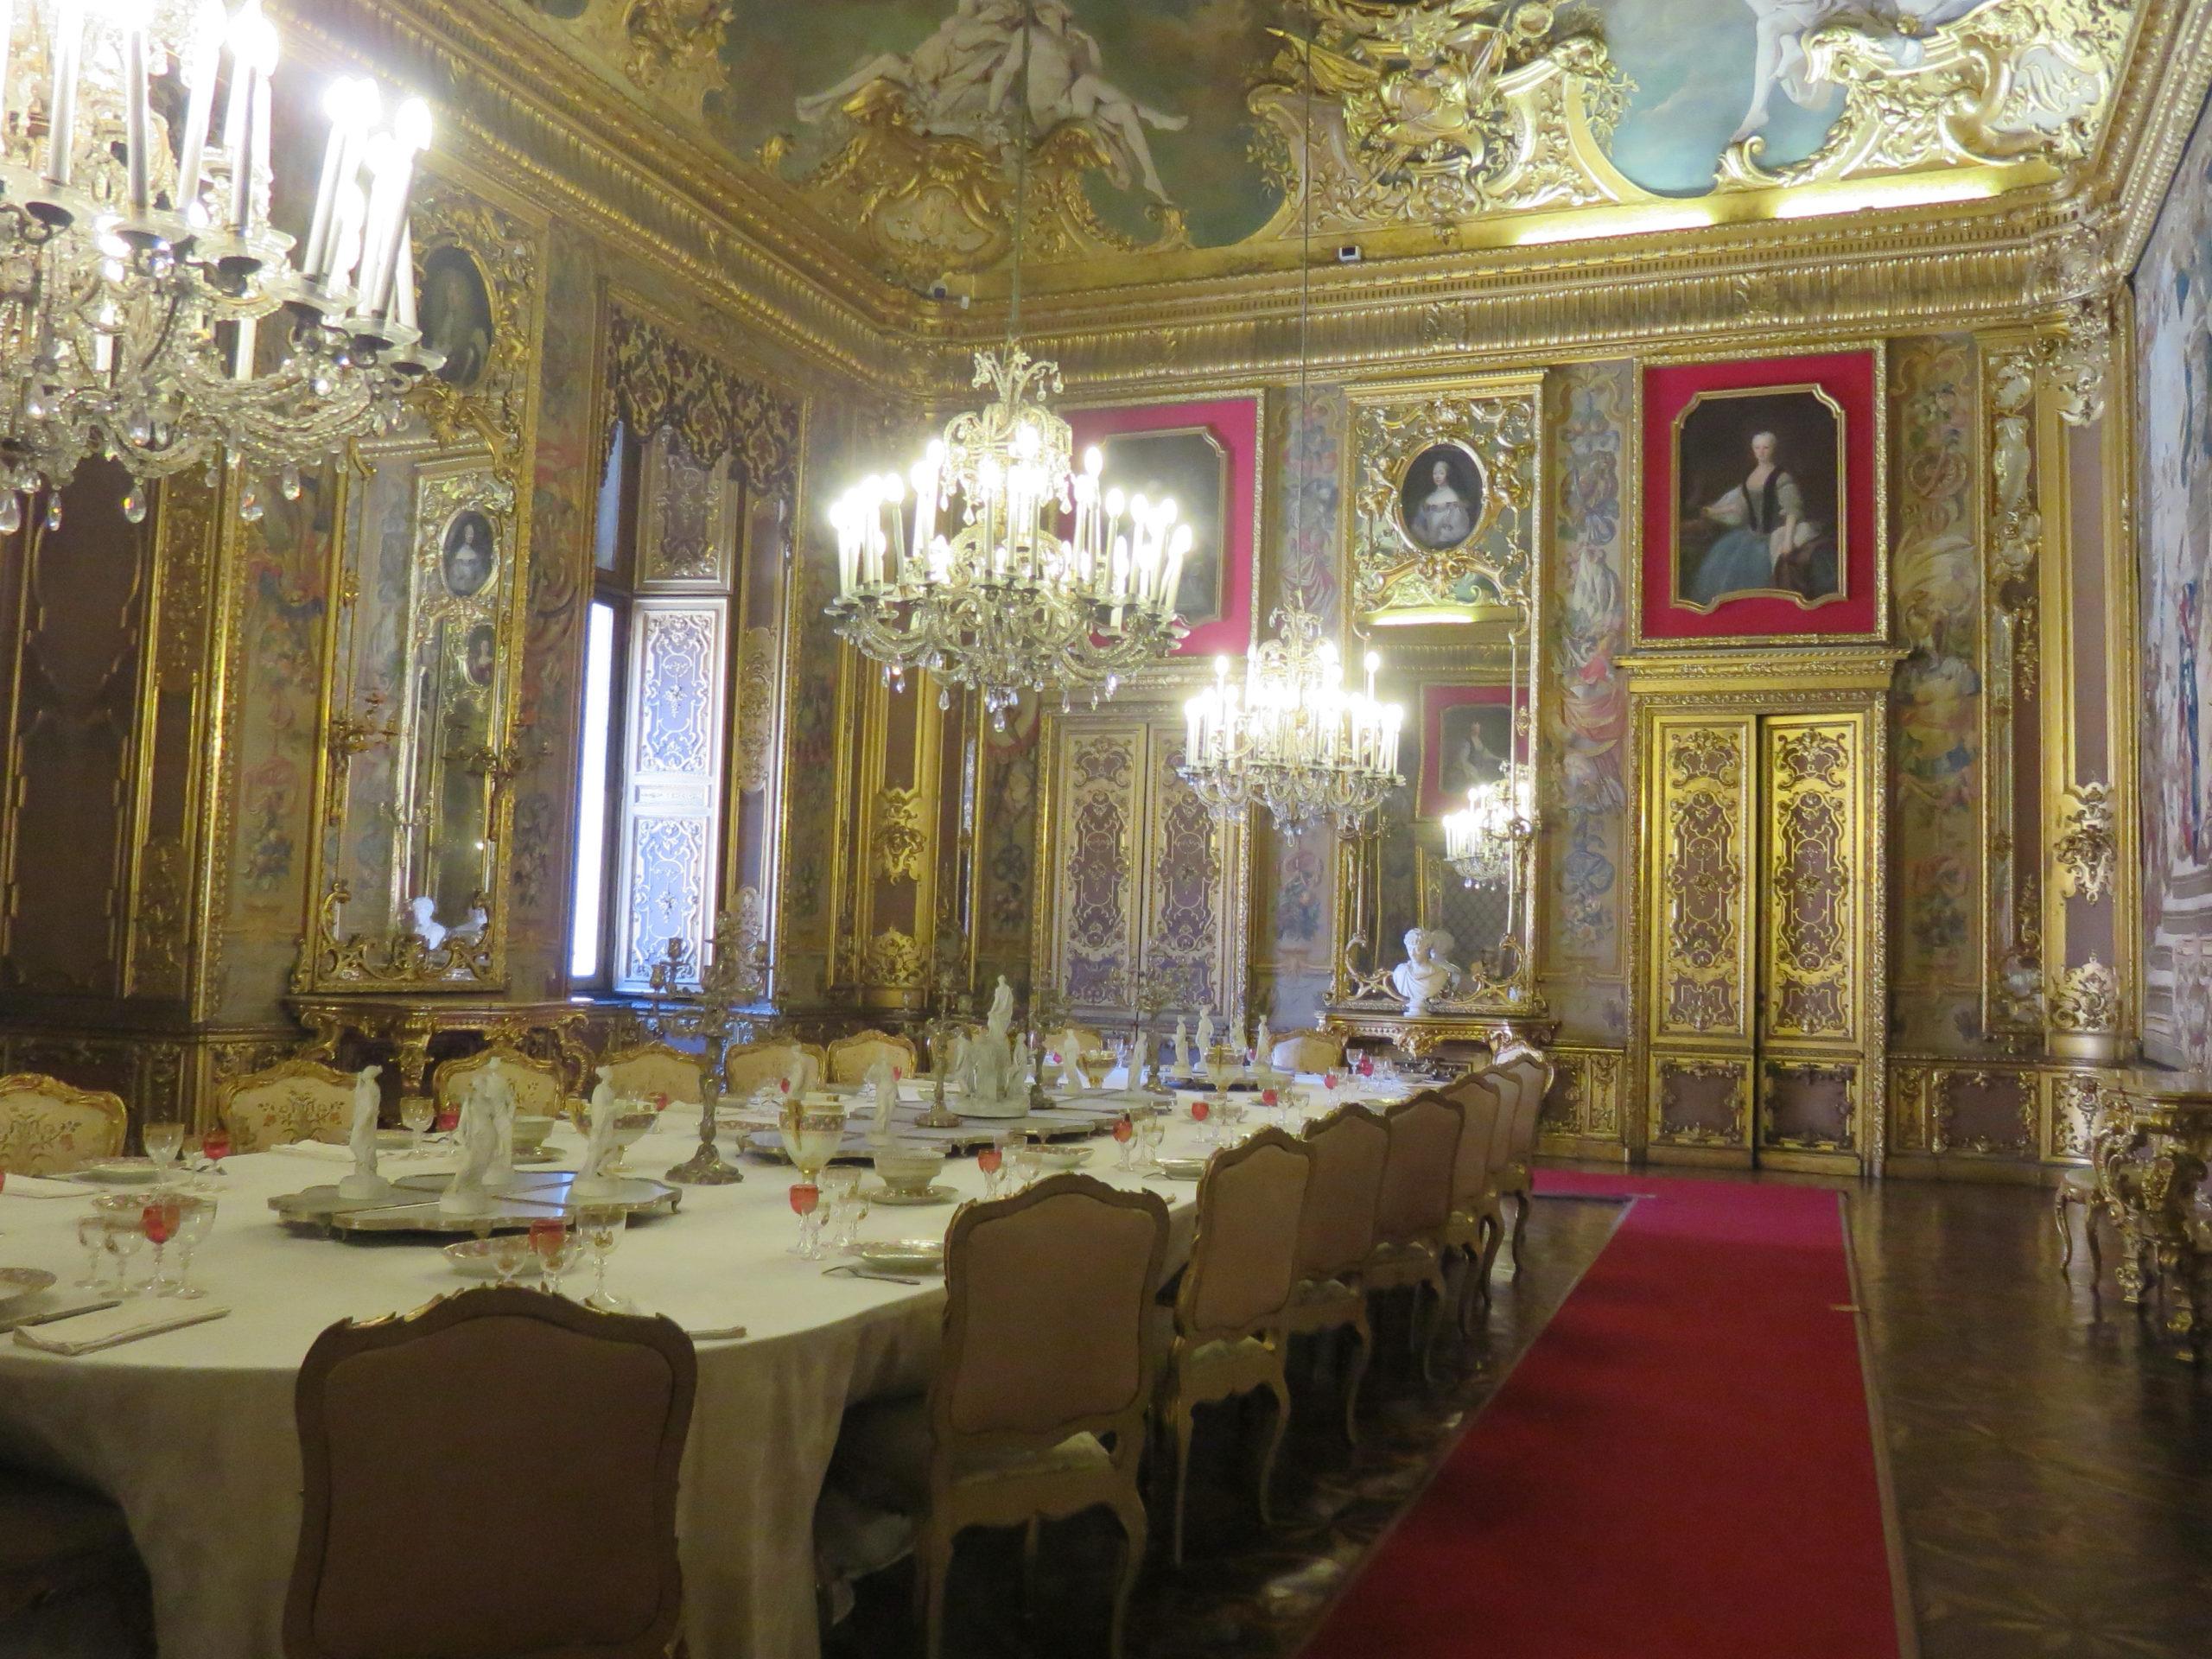 貴族の館の写真。パーティなどはこのような広間で食事が提供されていたようです。